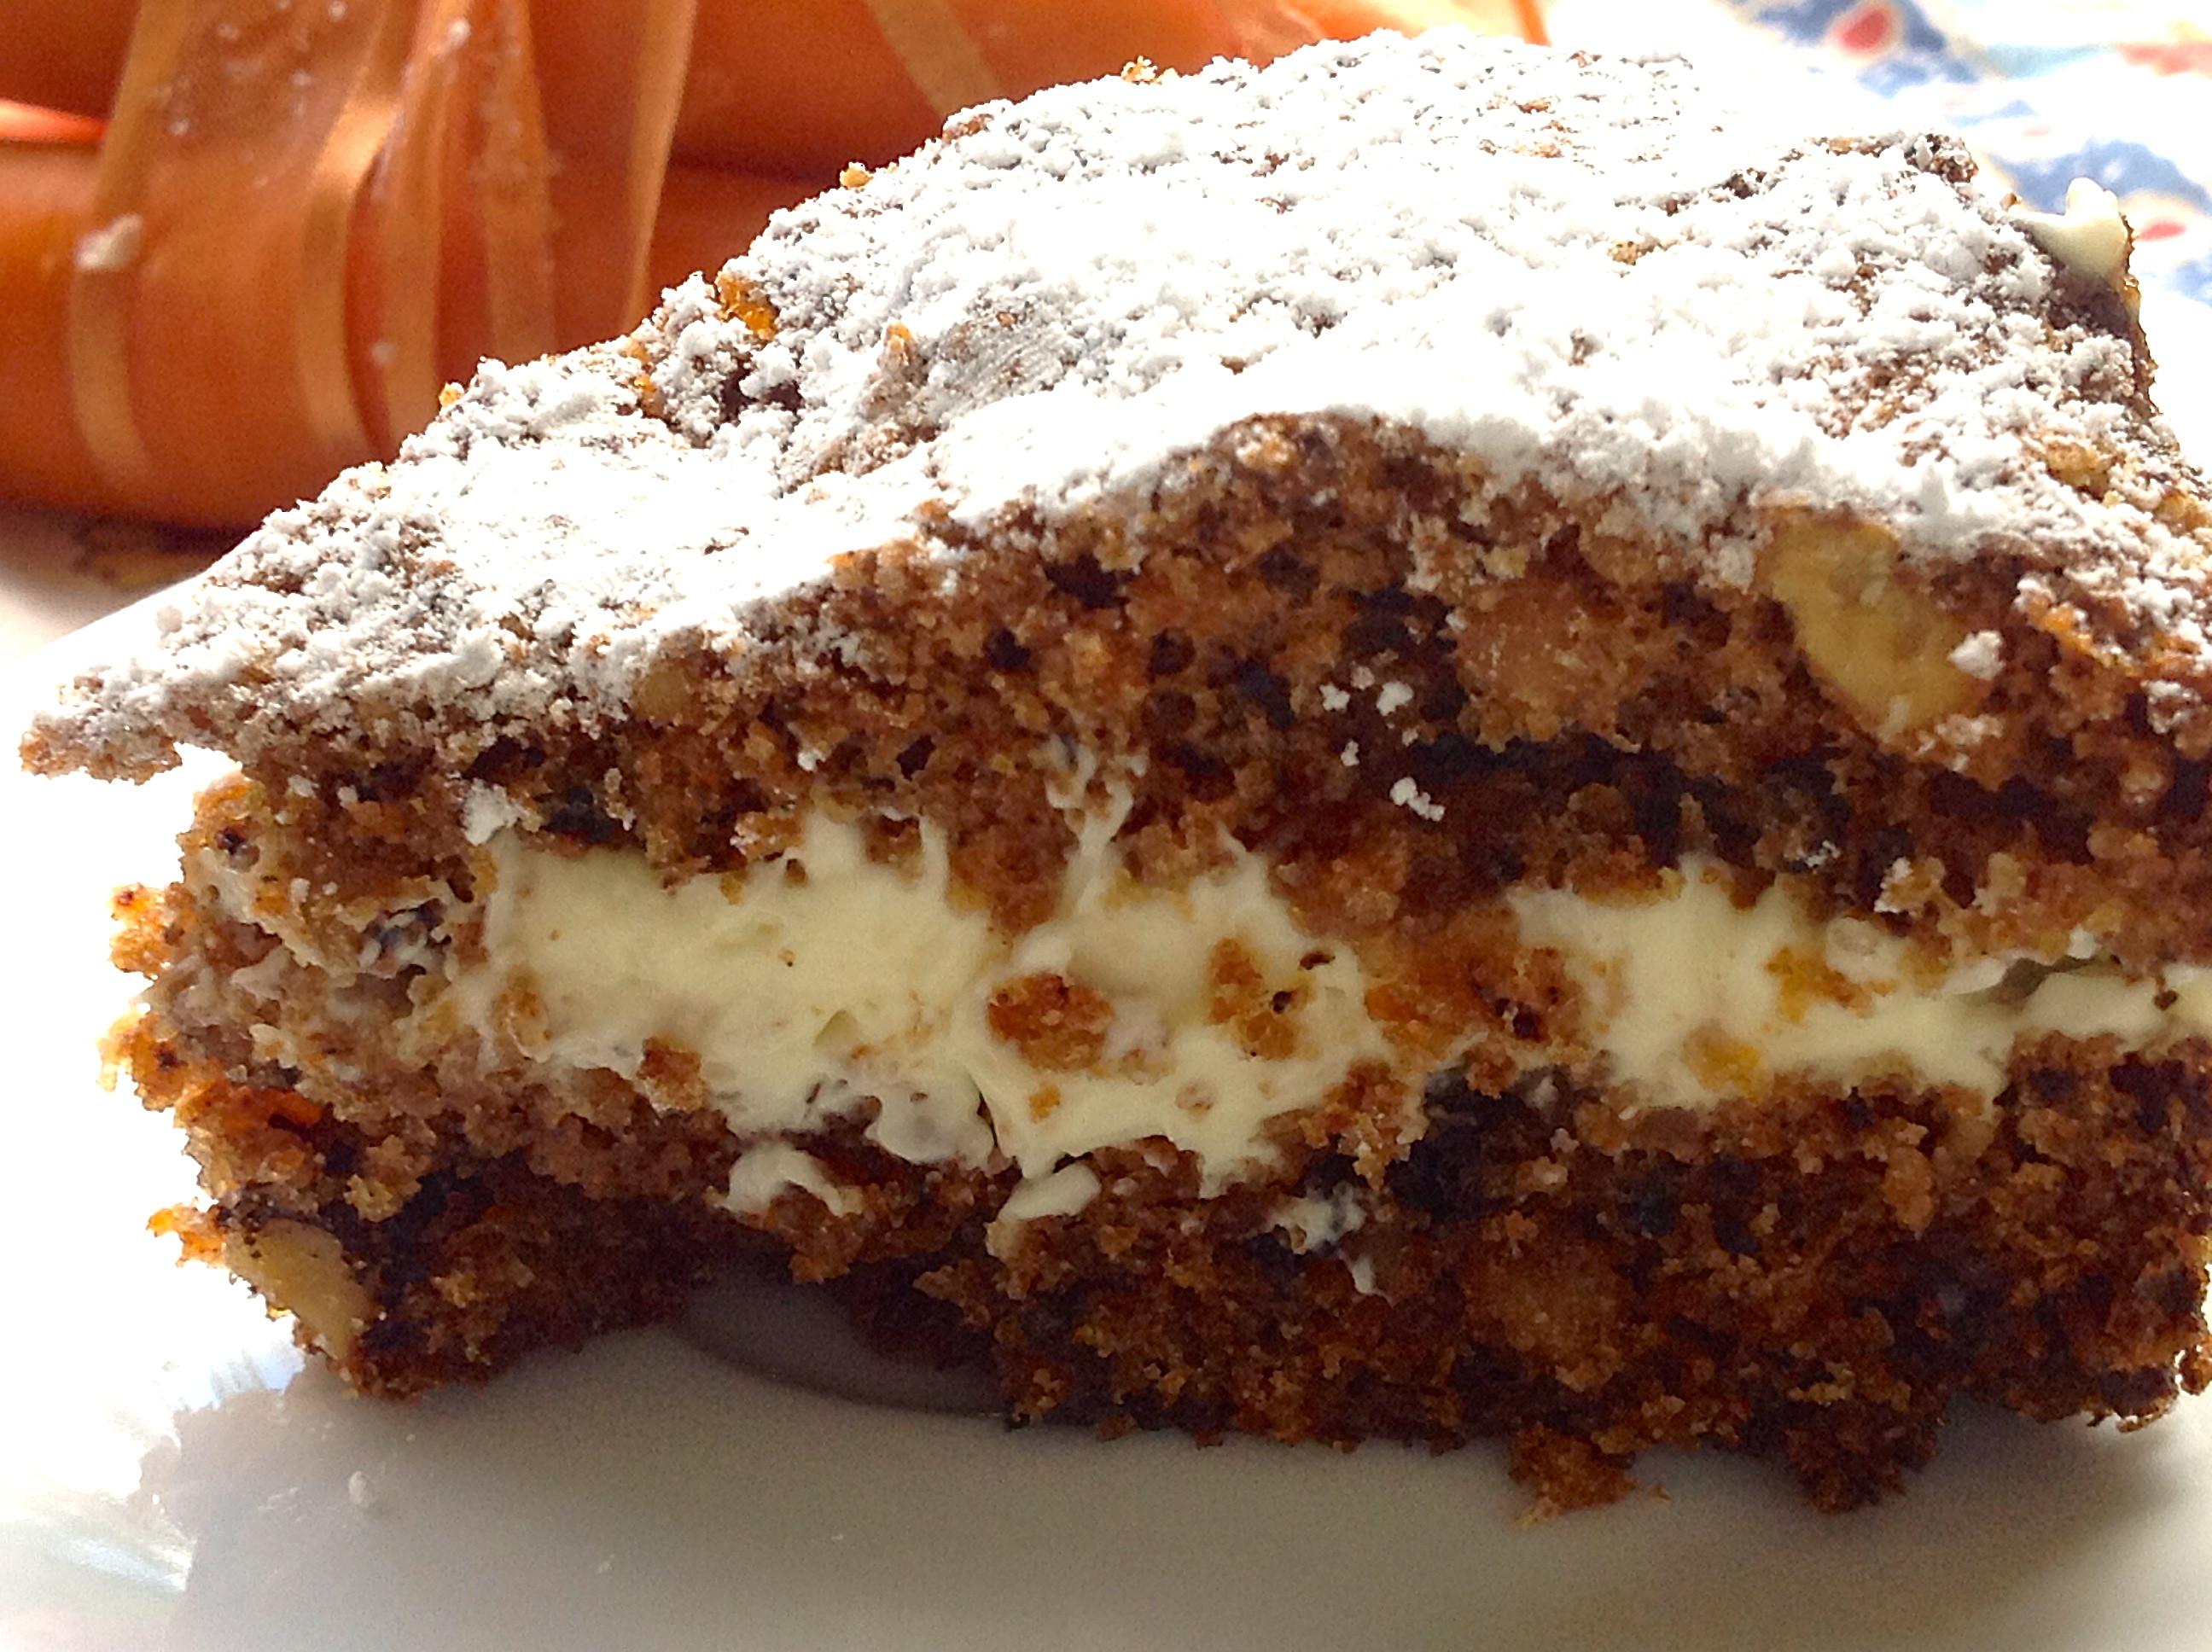 Best Cake Recipe  The Best Carrot Cake Recipe